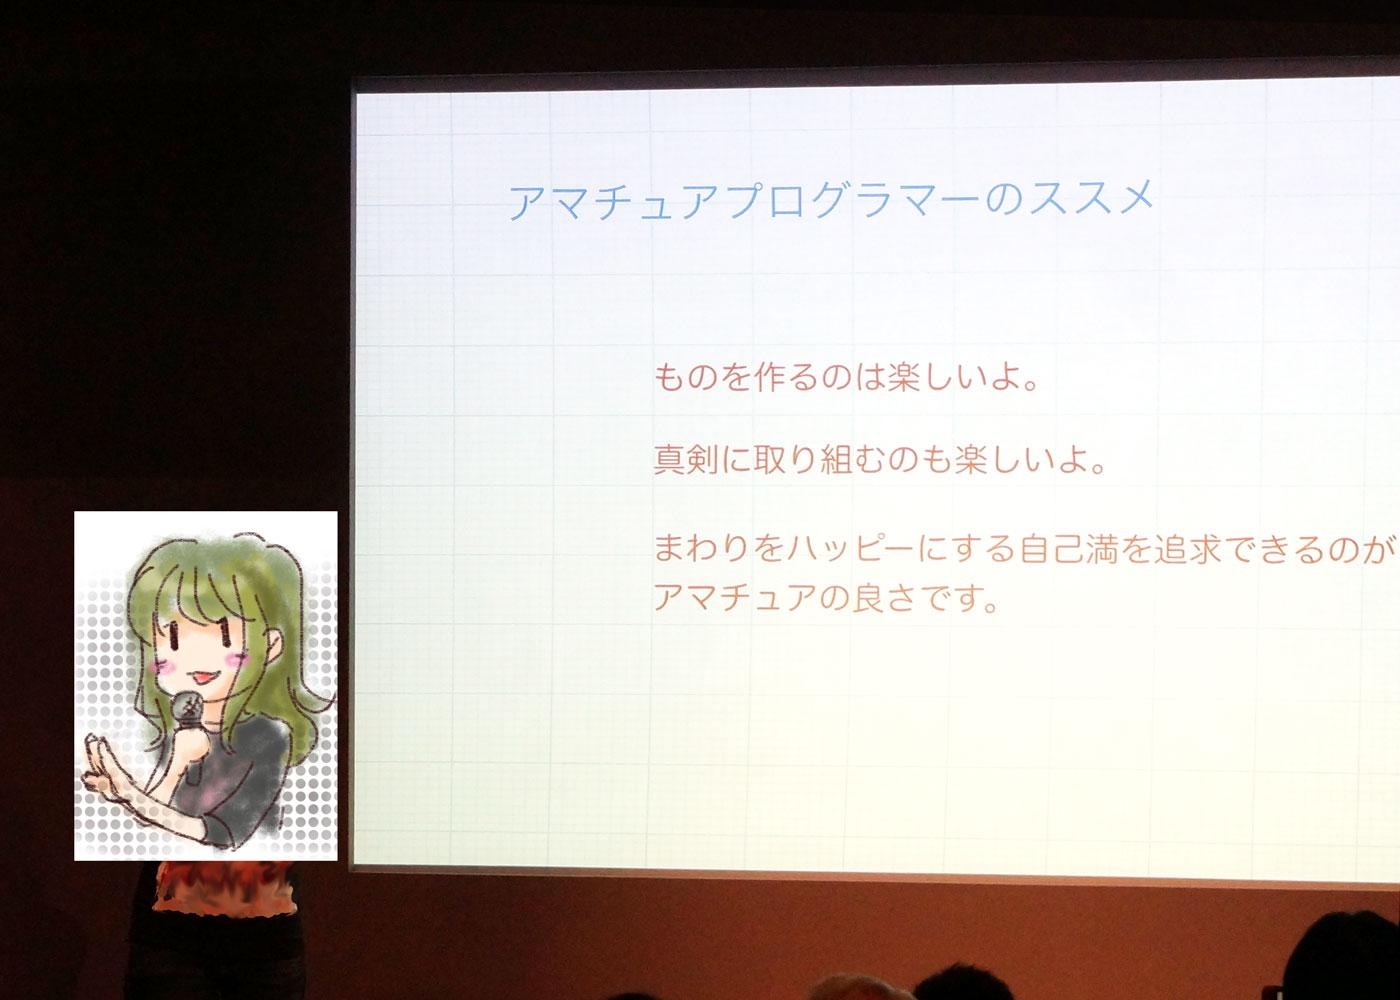 アプリ道場演武会、ゆこびん発表